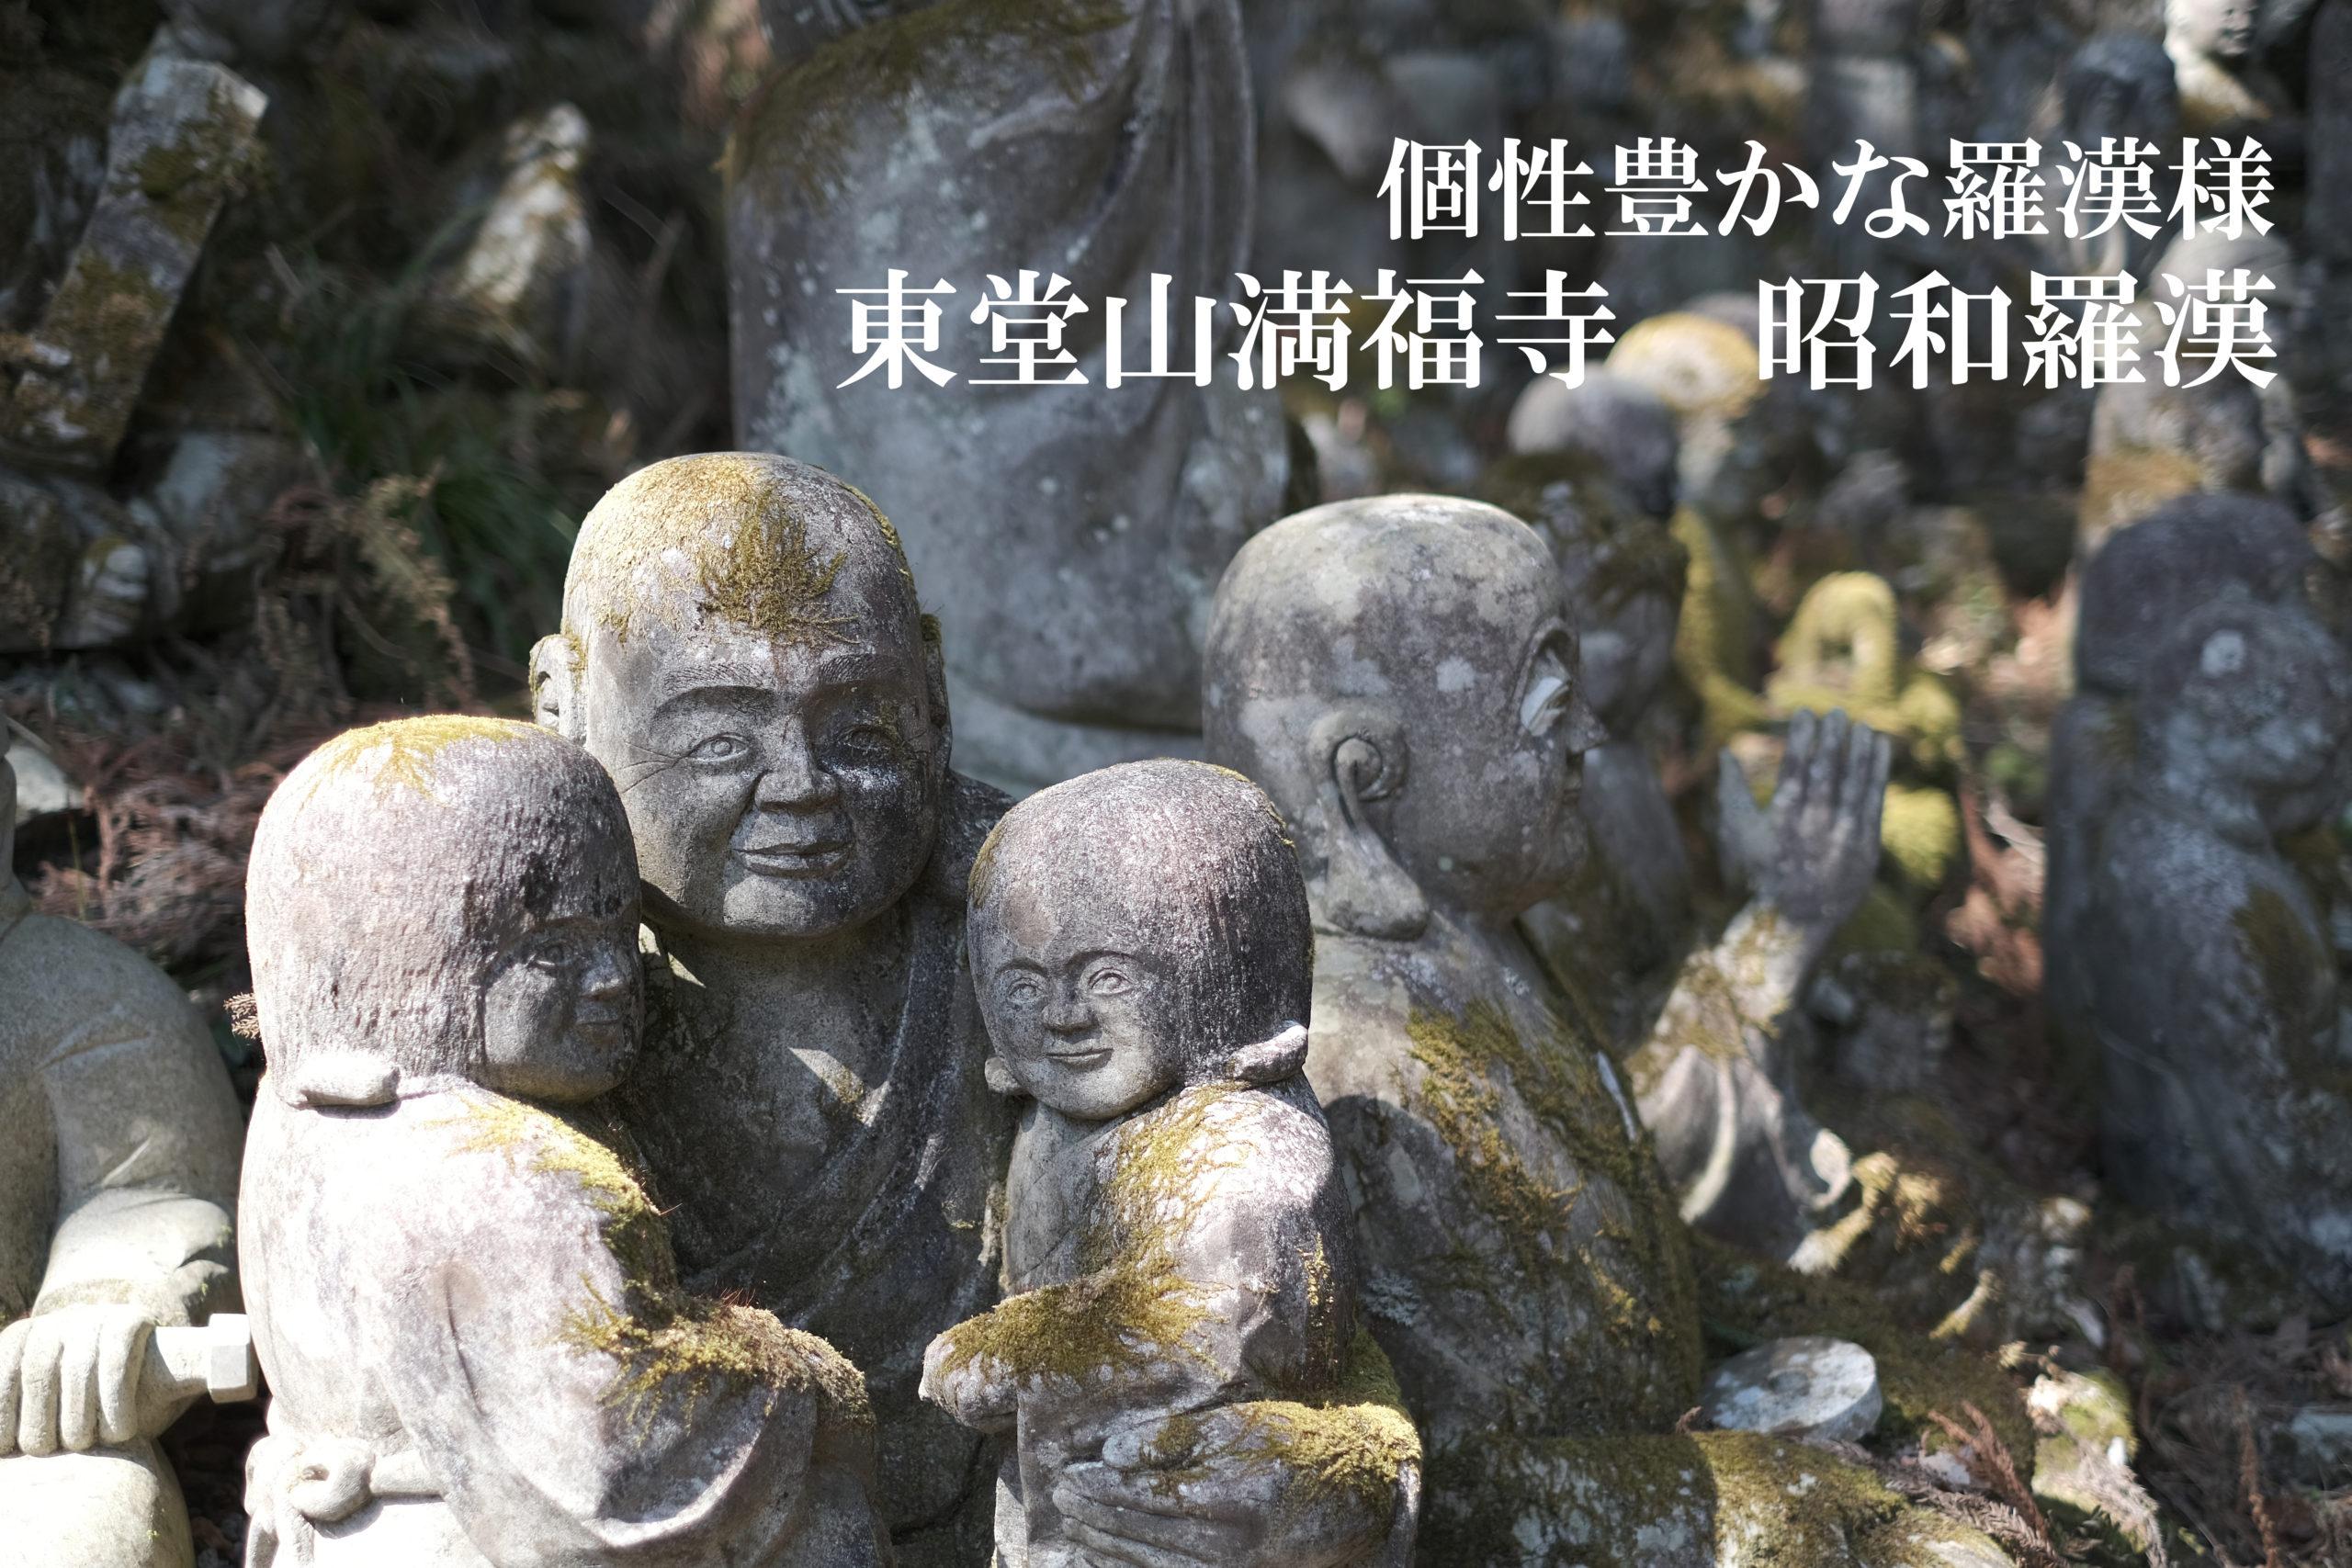 小野町スポット「東堂山満福寺 昭和羅漢」へ!